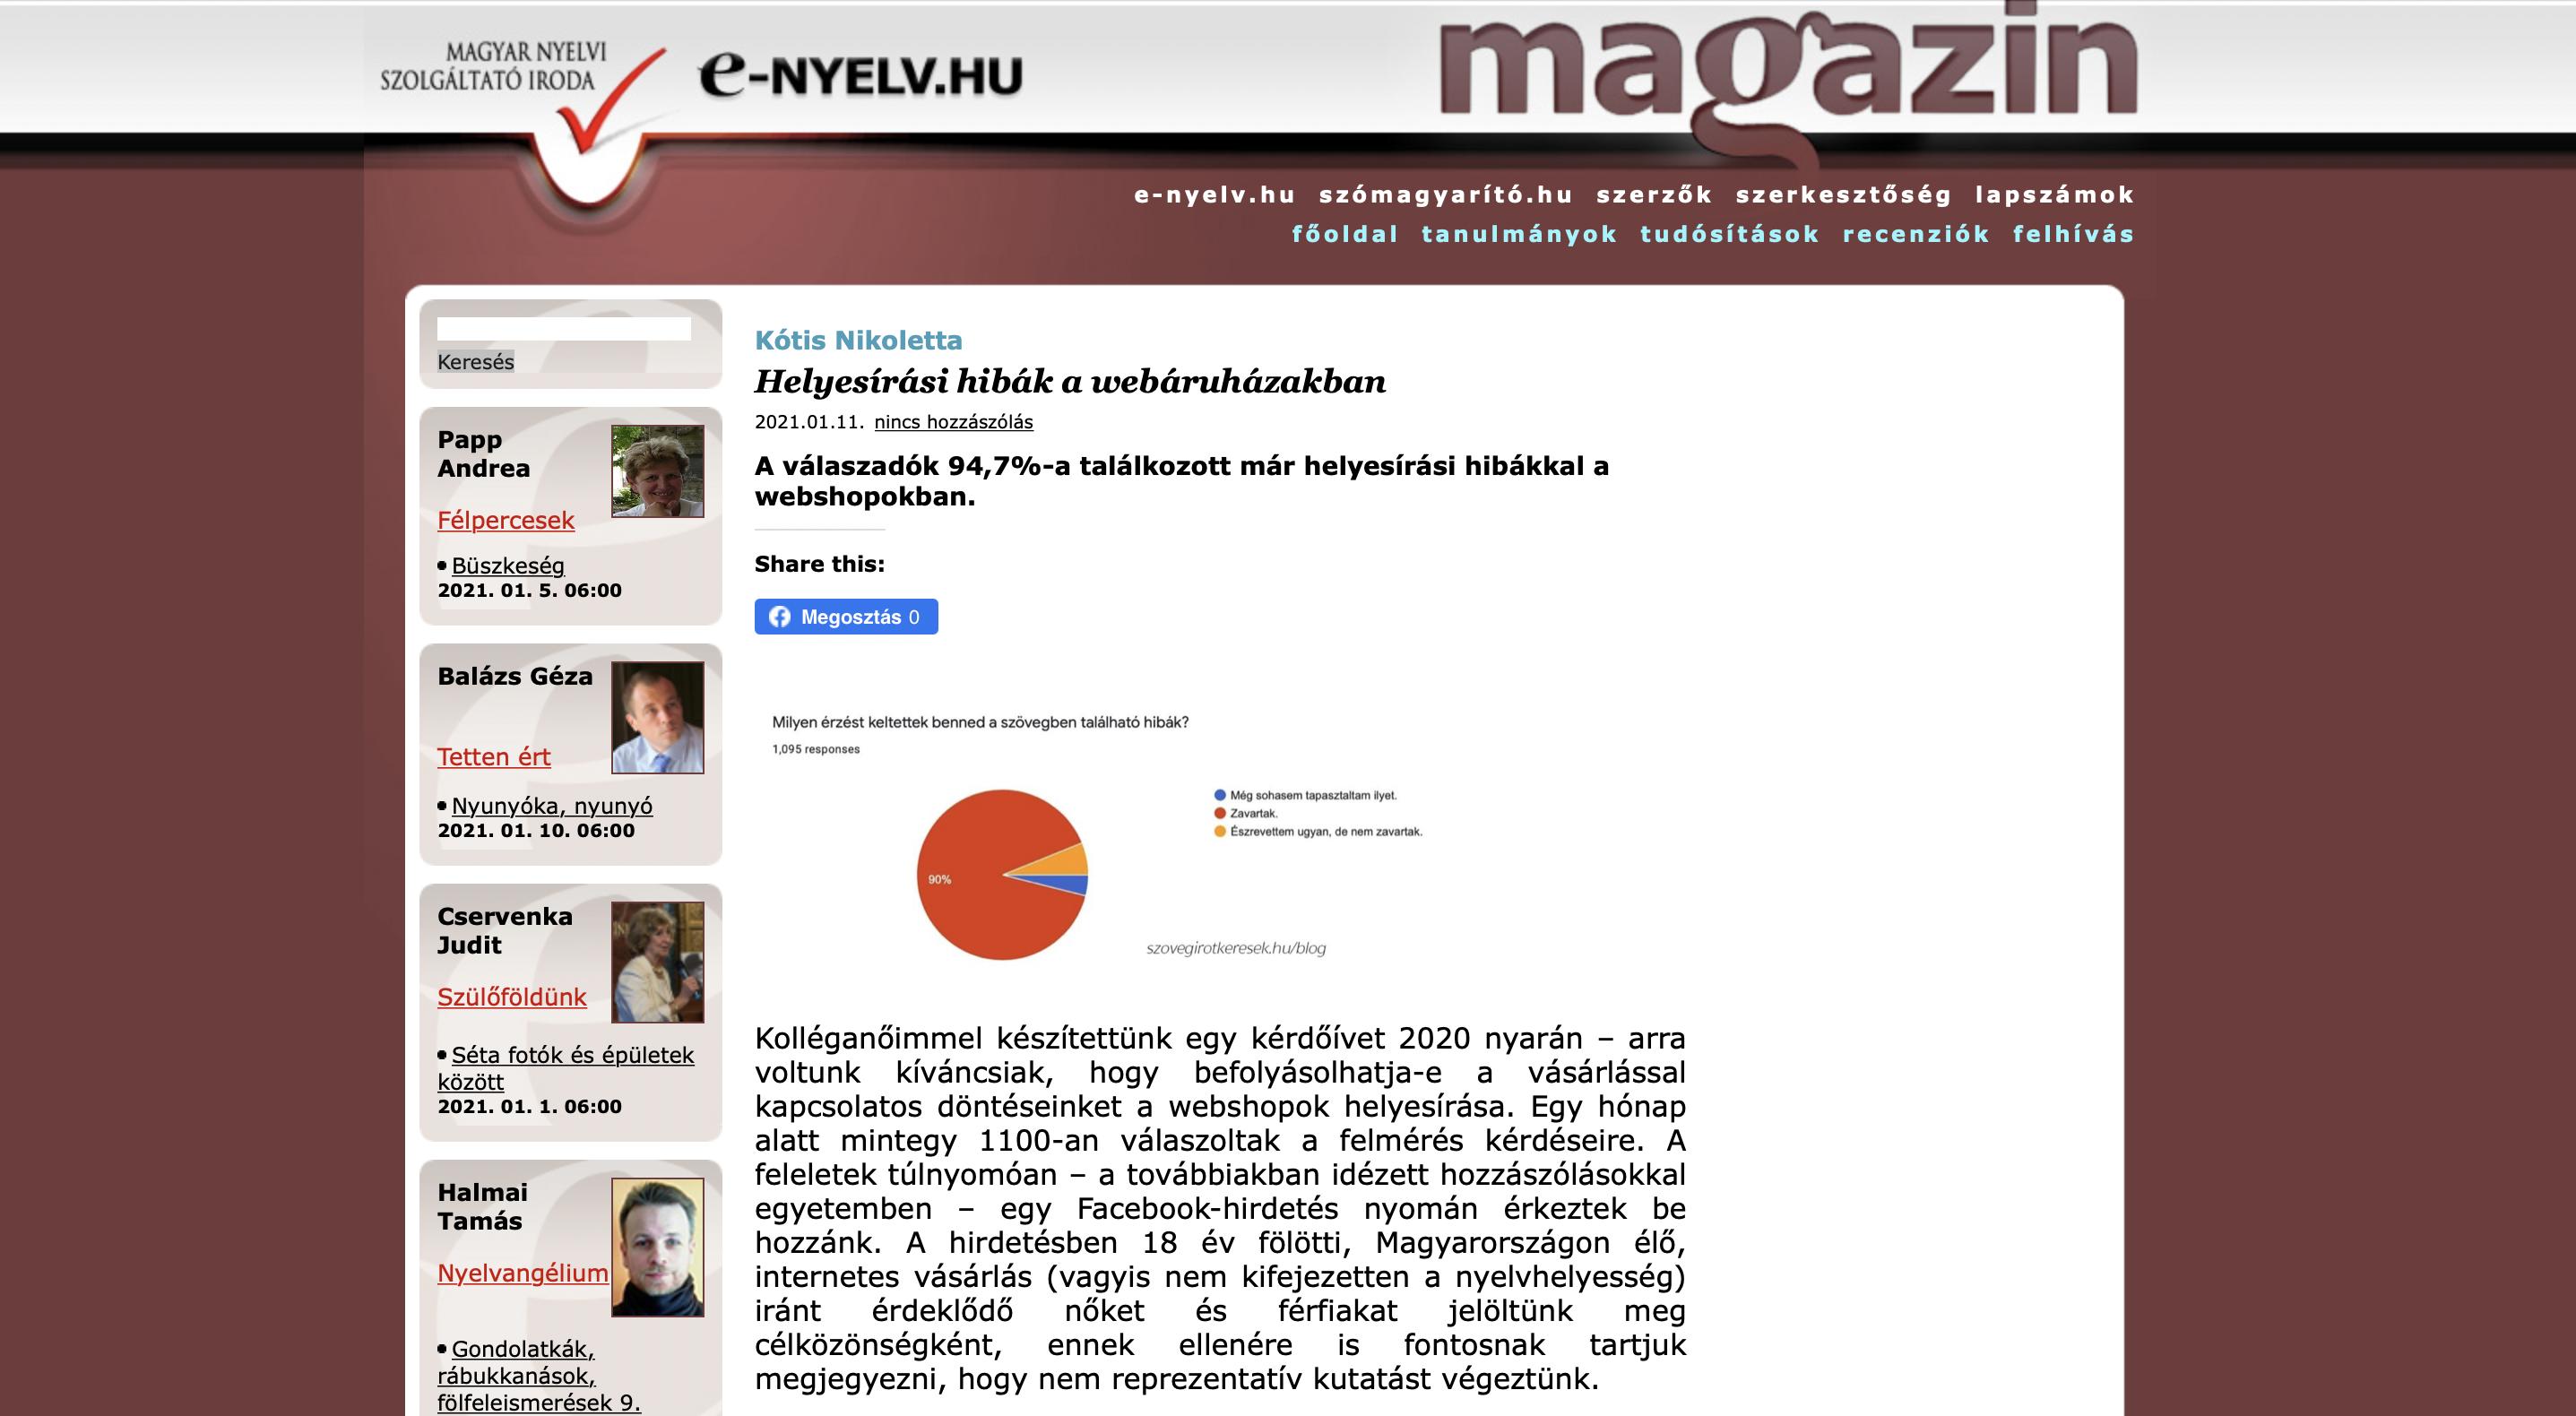 Megjelenés az E-nyelv Magazin honlapján